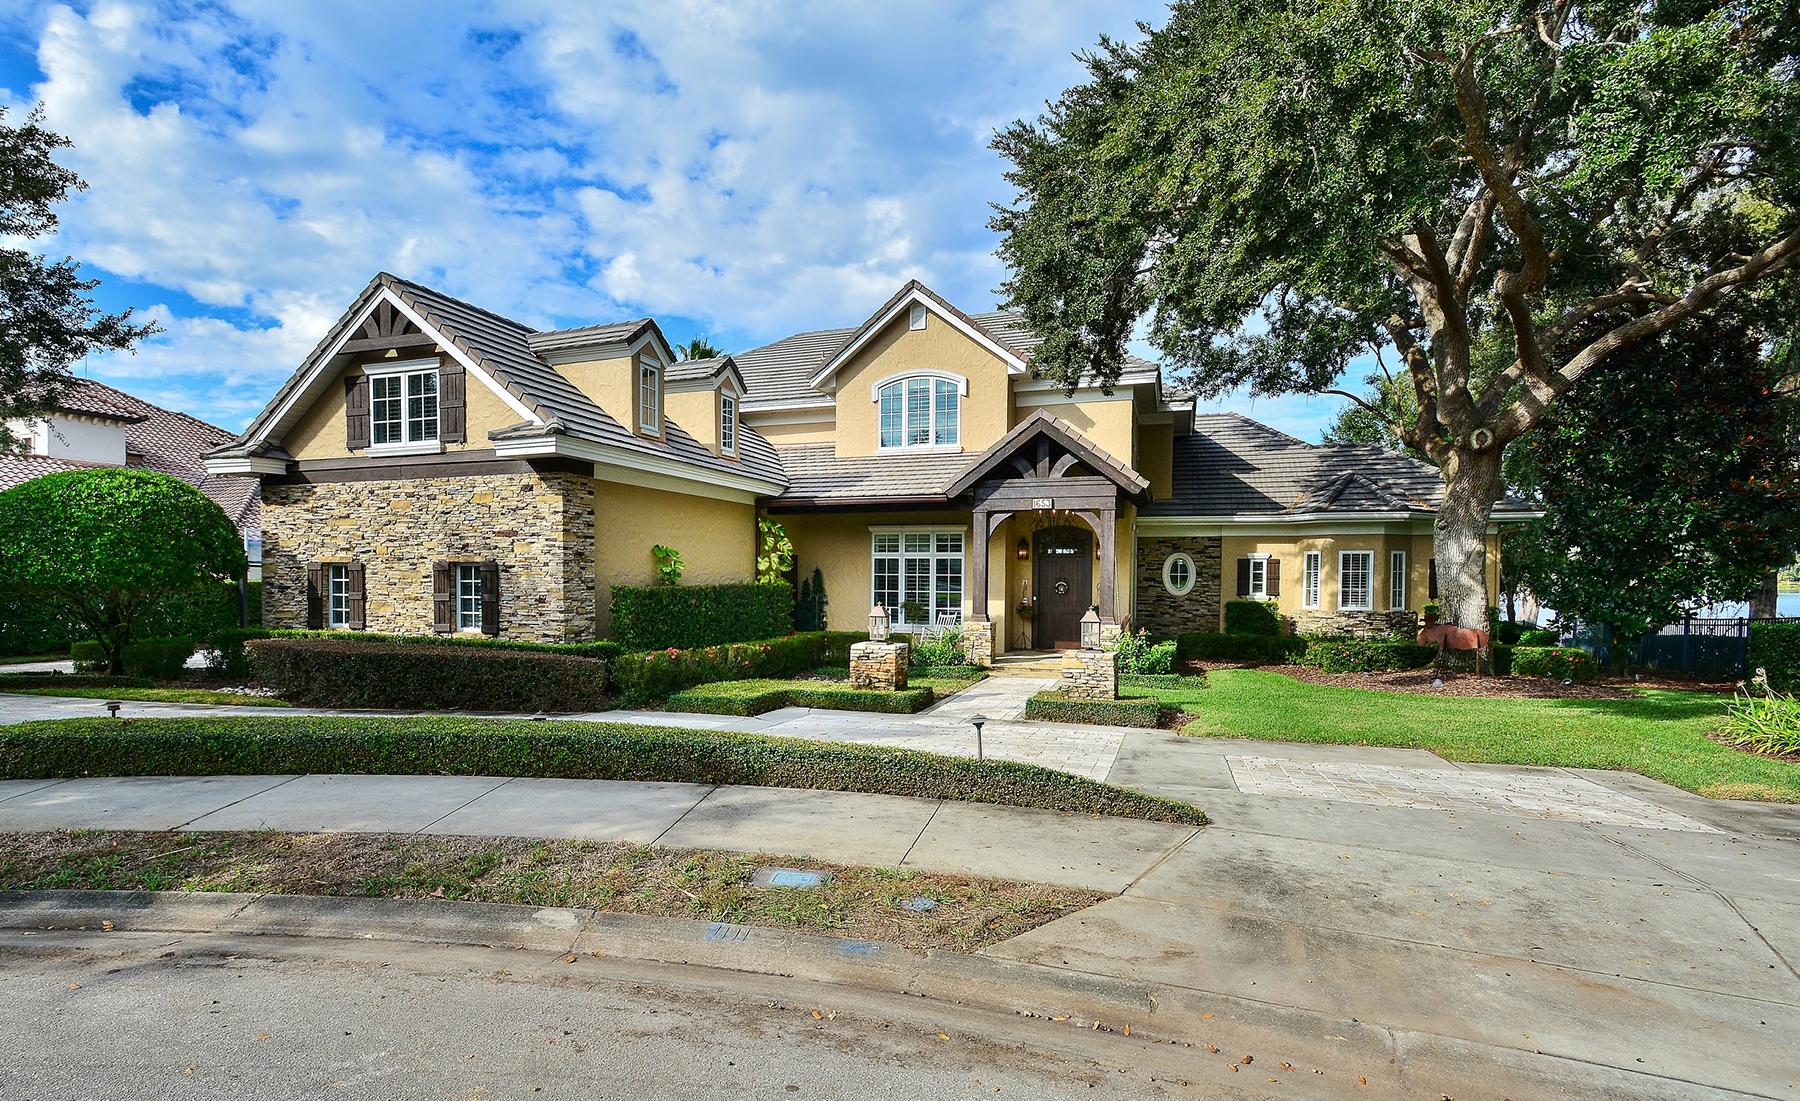 Villa per Vendita alle ore WINTER PARK - FLORIDA 1653 Chase Landing Way Winter Park, Florida, 32789 Stati Uniti